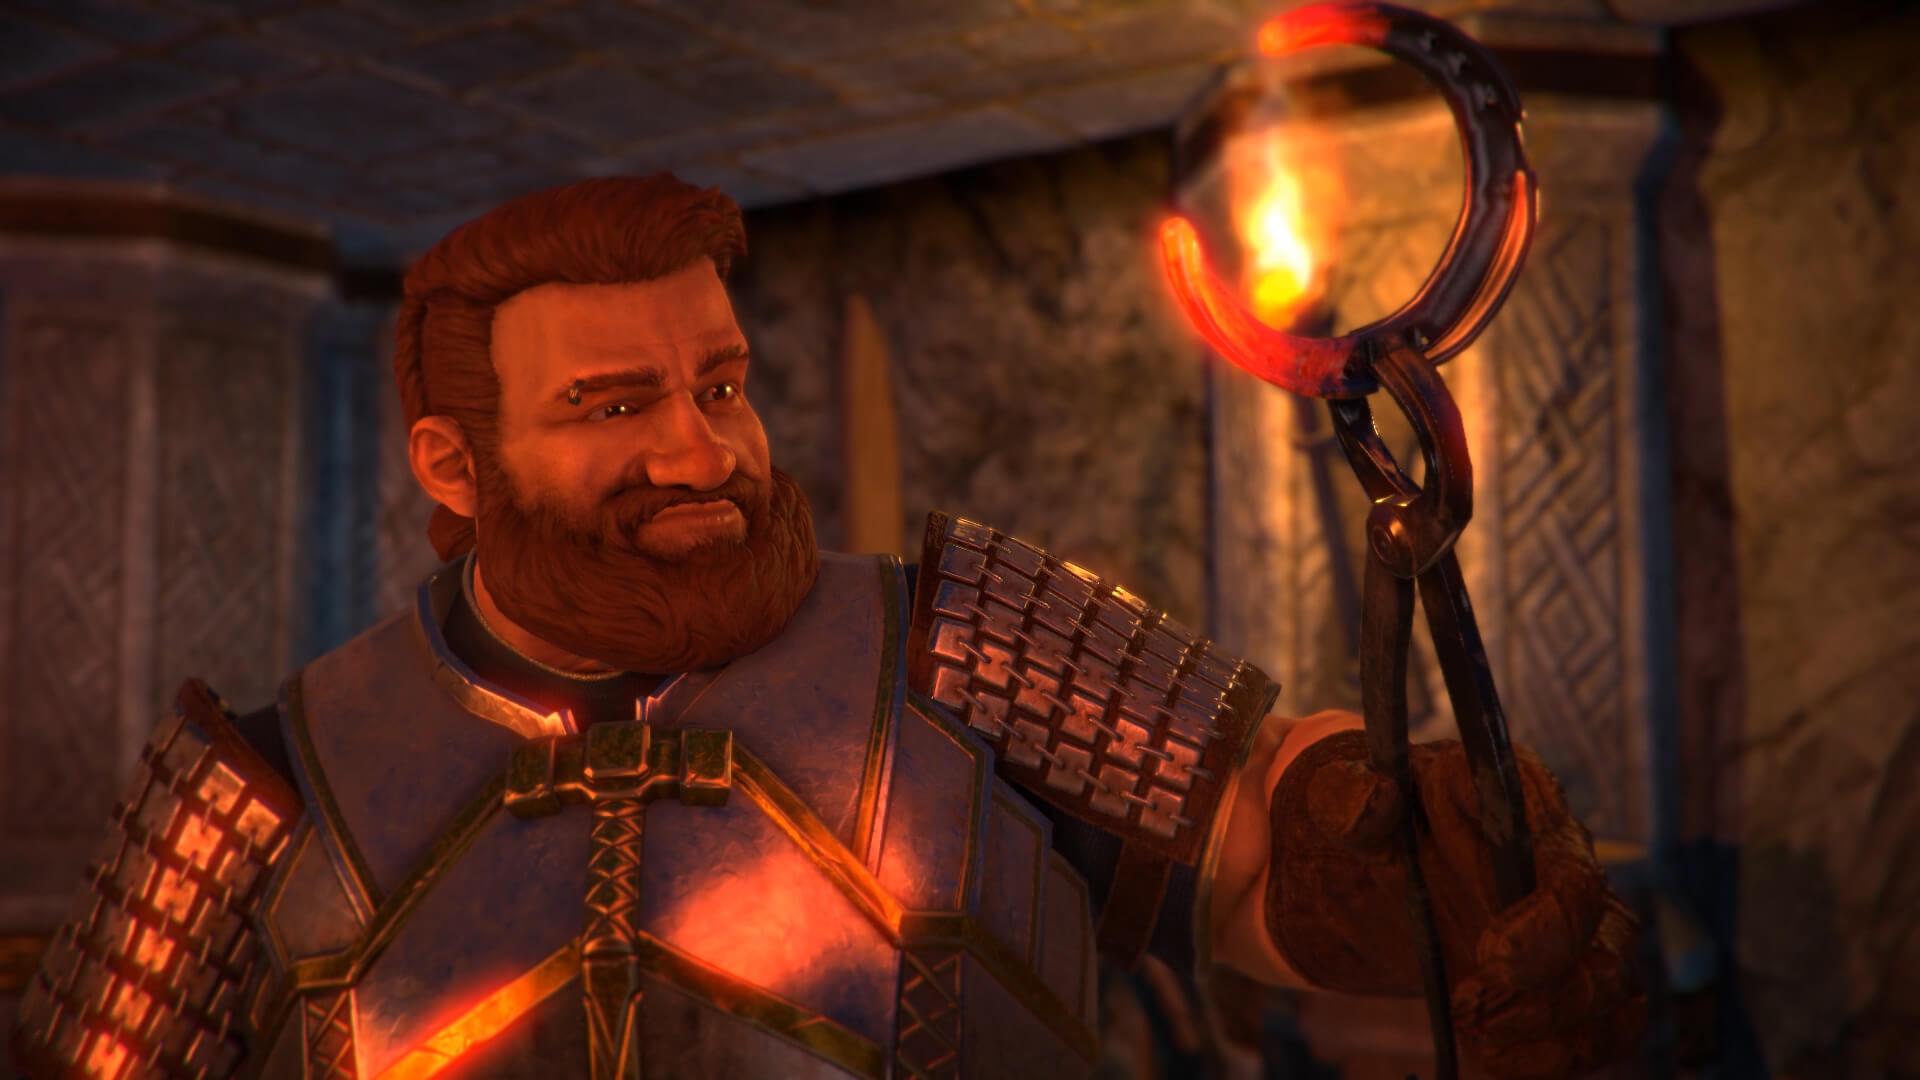 Die Zwerge: Tungdil ist ein guter Schmied (Bildrechte: King Art Games)